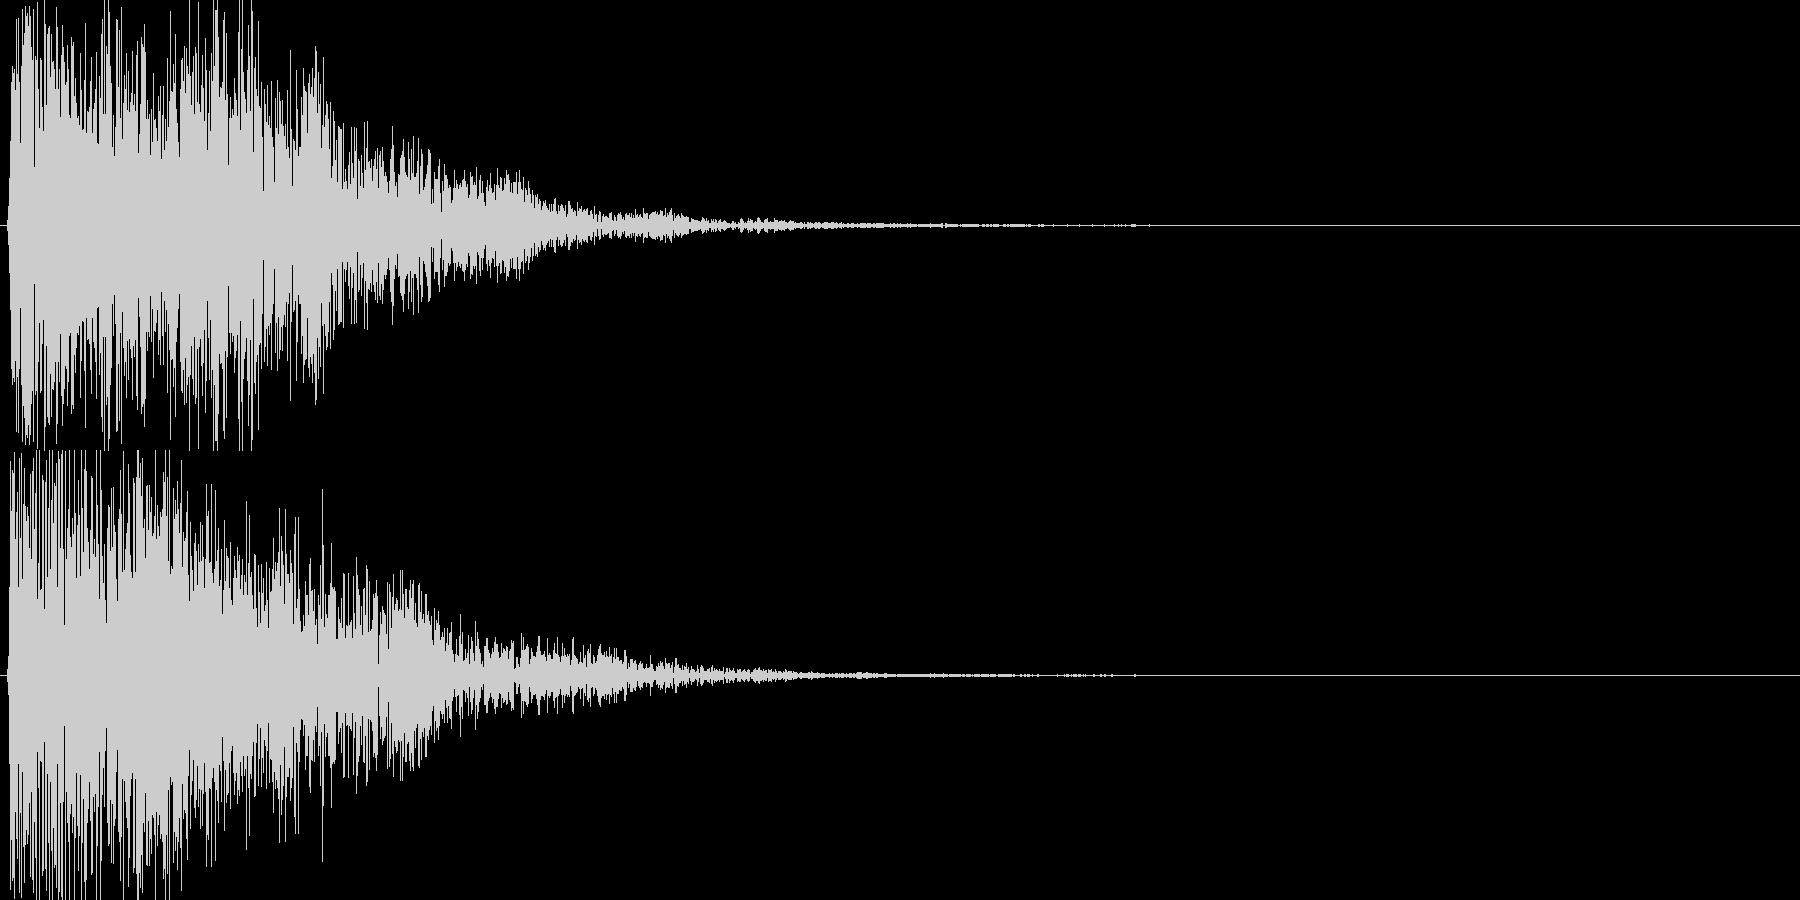 ピコ(ゲーム、アプリなどの操作音08)の未再生の波形